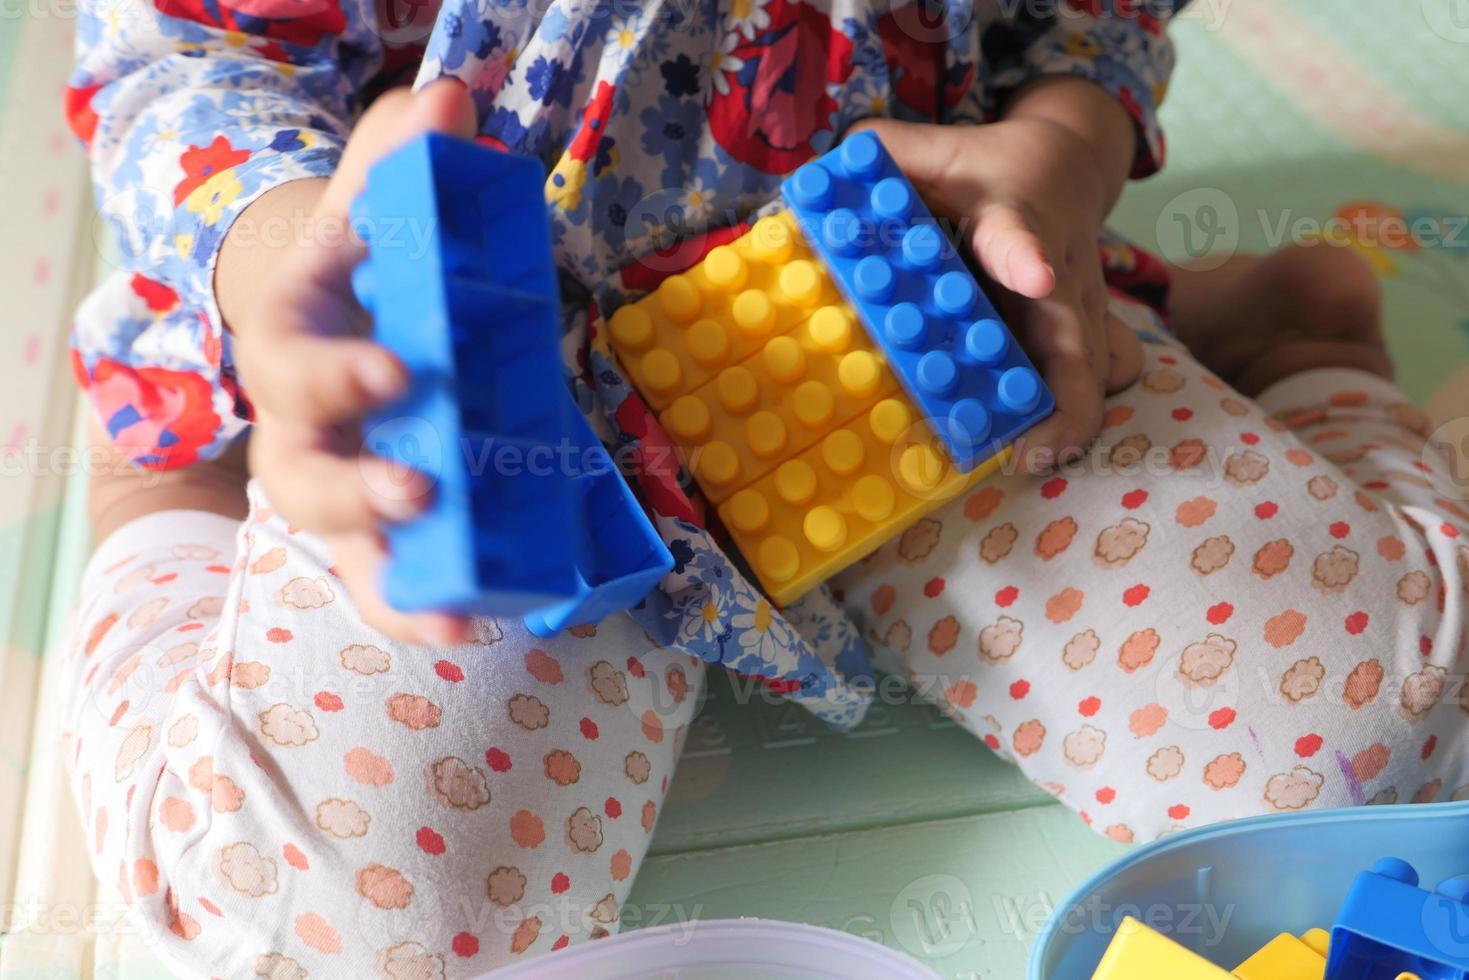 criança brincando com blocos de construção foto